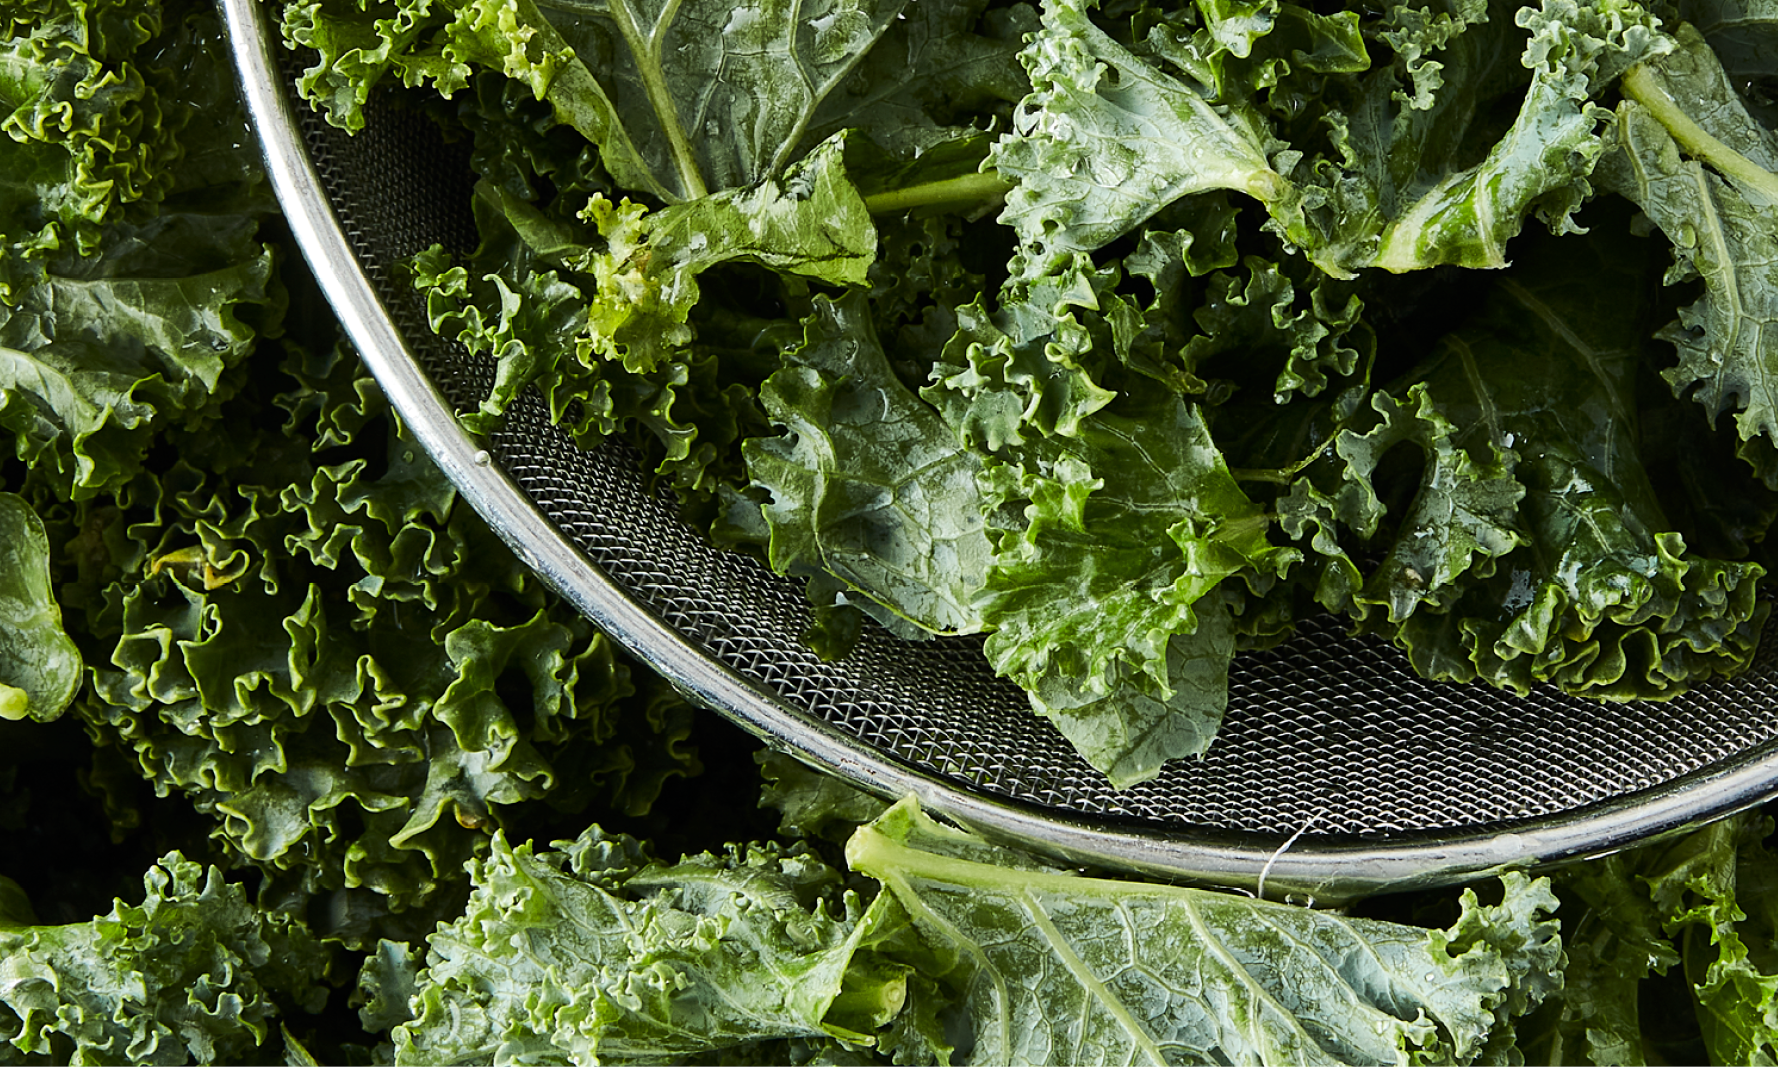 Kale in strainer - Vegetable intake